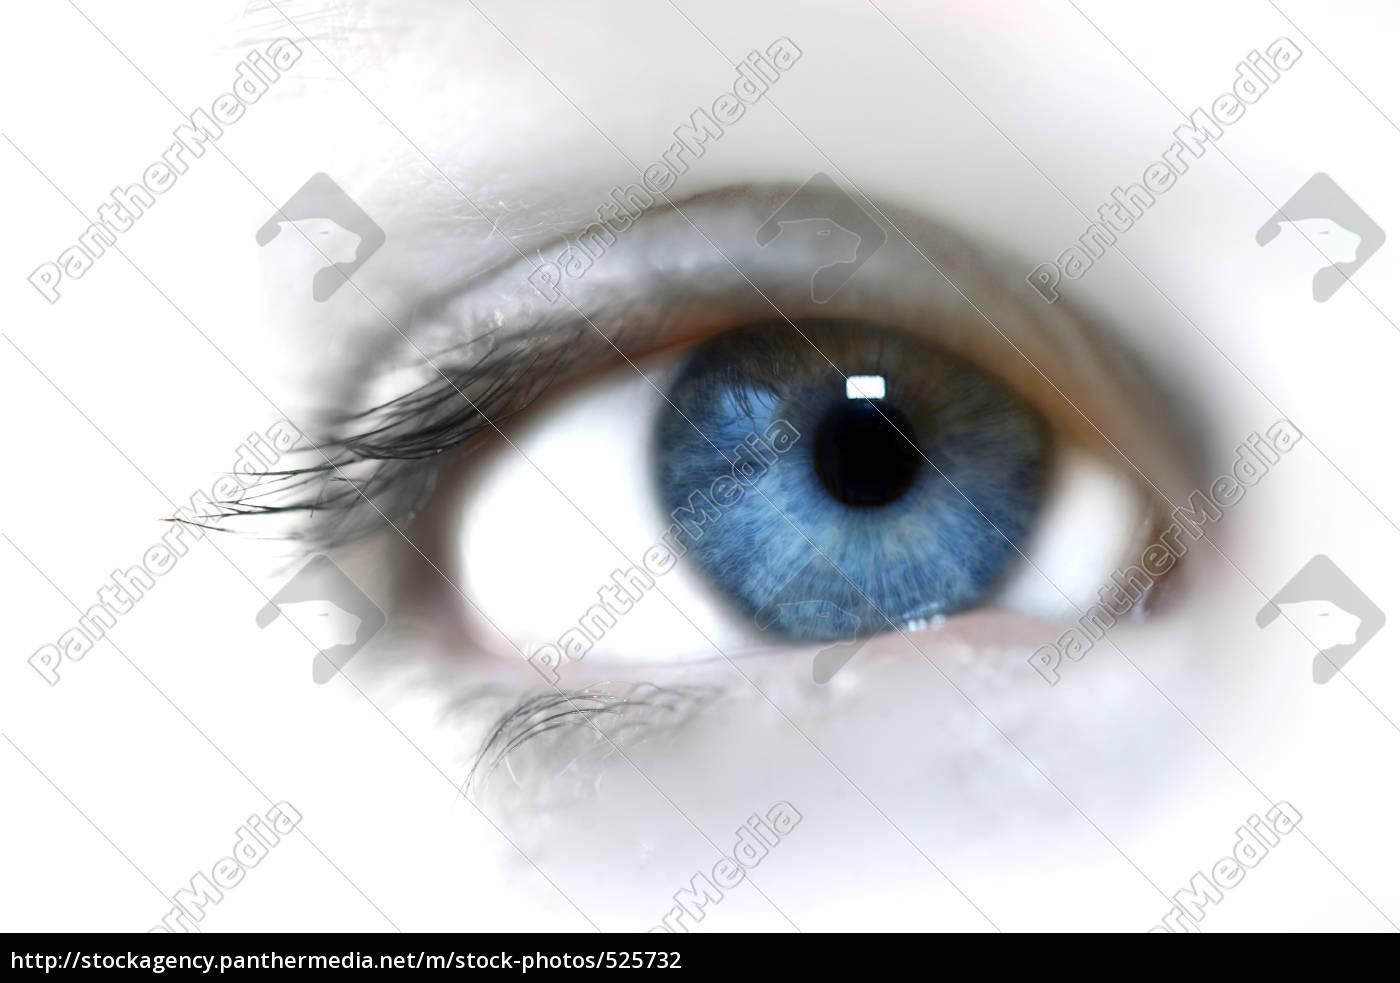 eye - 525732